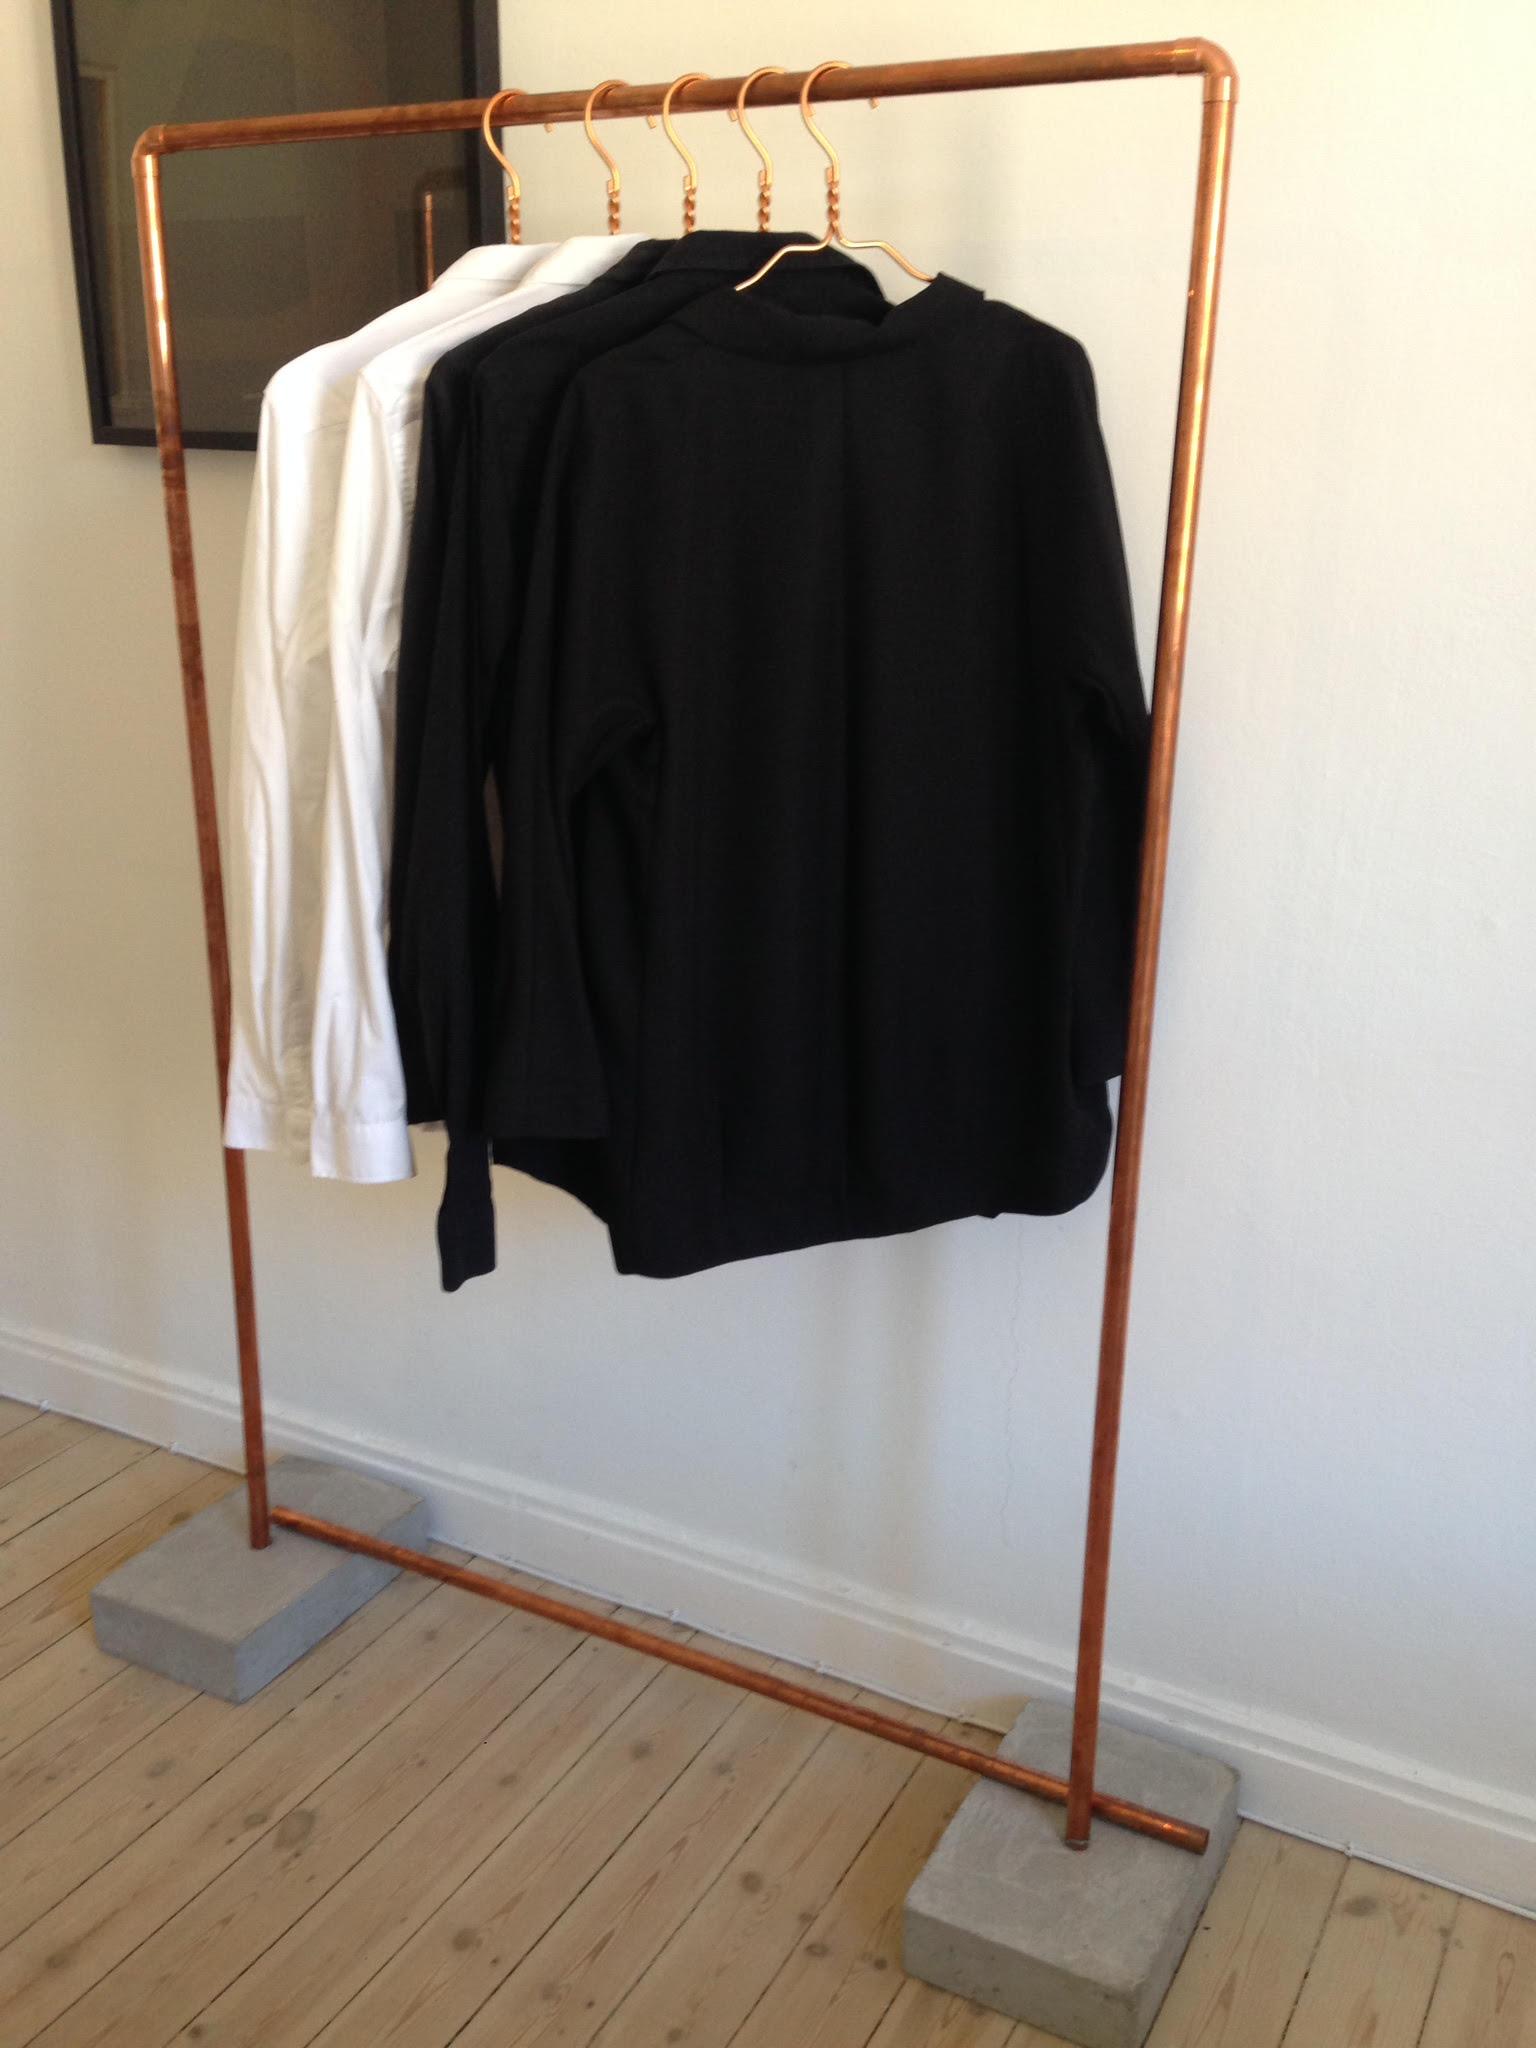 DIY: plankebord og et tøjstativ - superbilligt   Boligmagasinet.dk